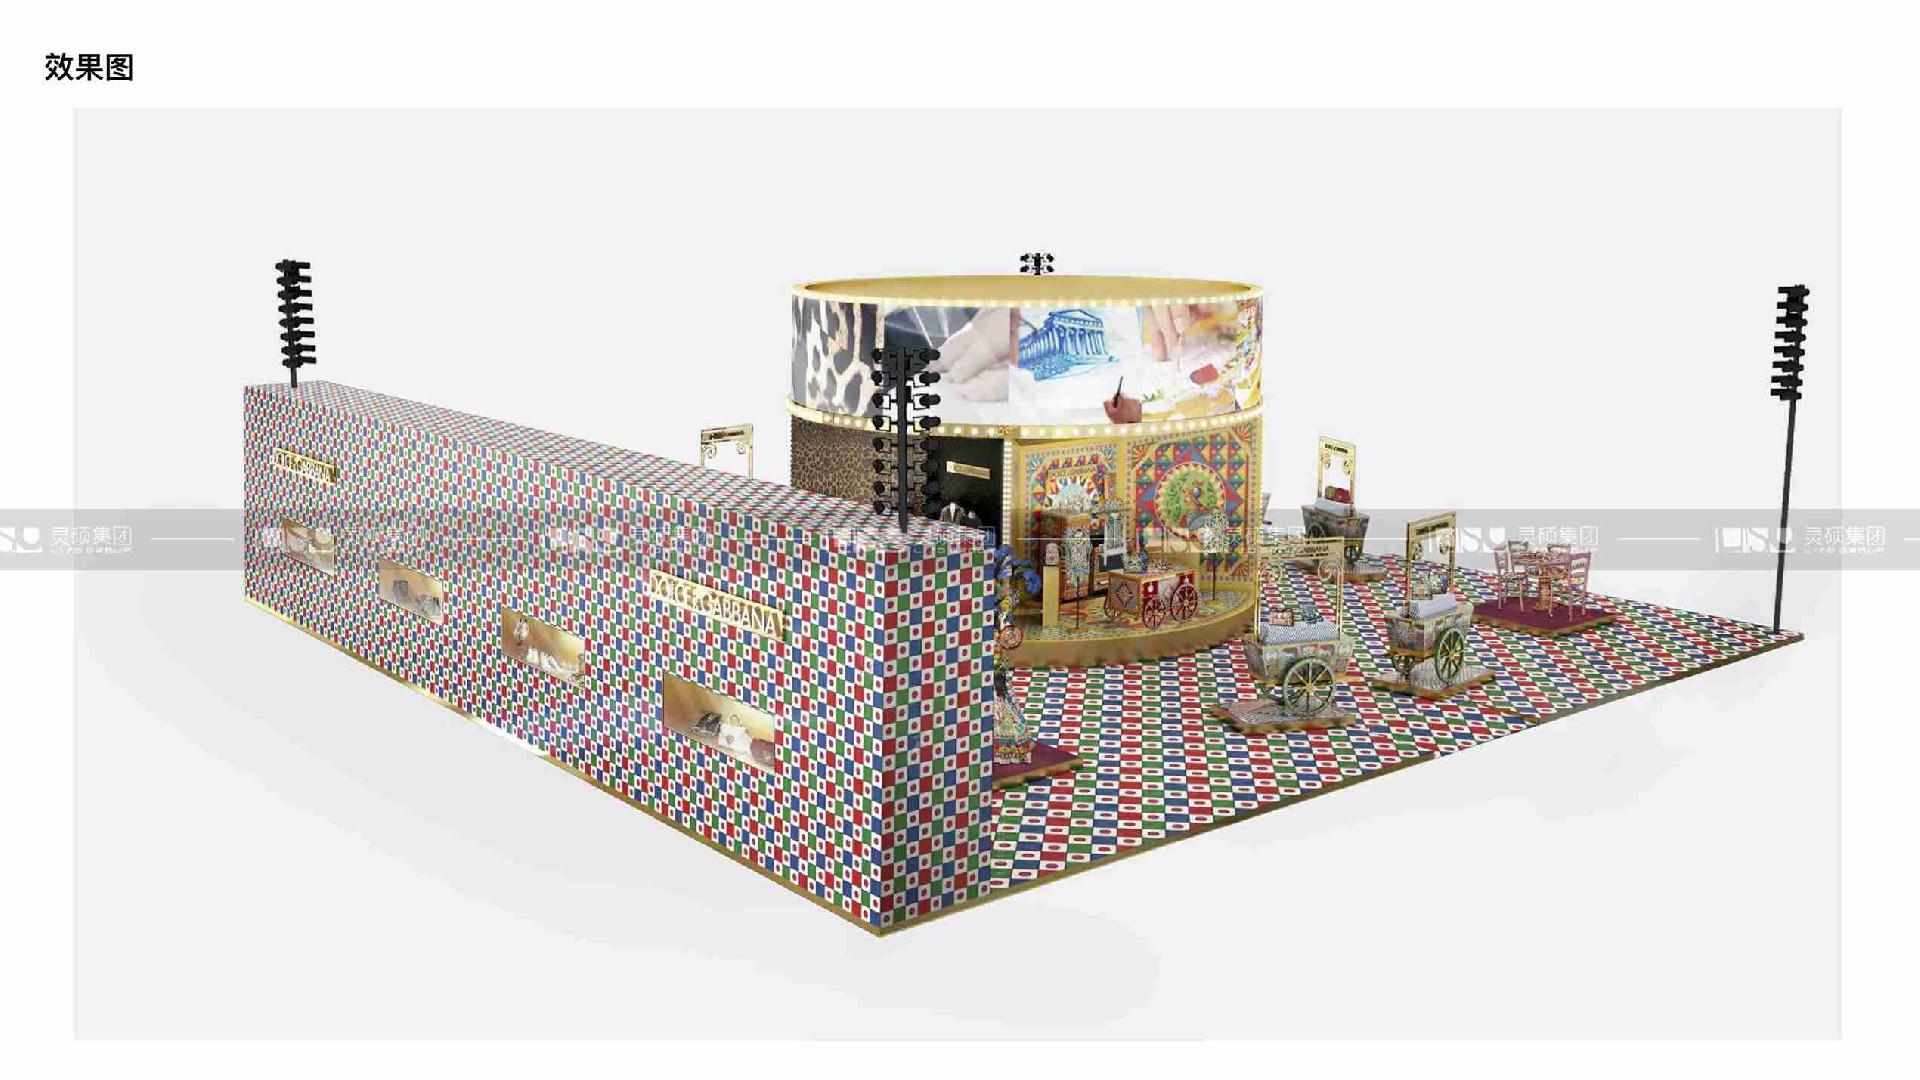 杜嘉班纳-2019年第二届进博会展台案例